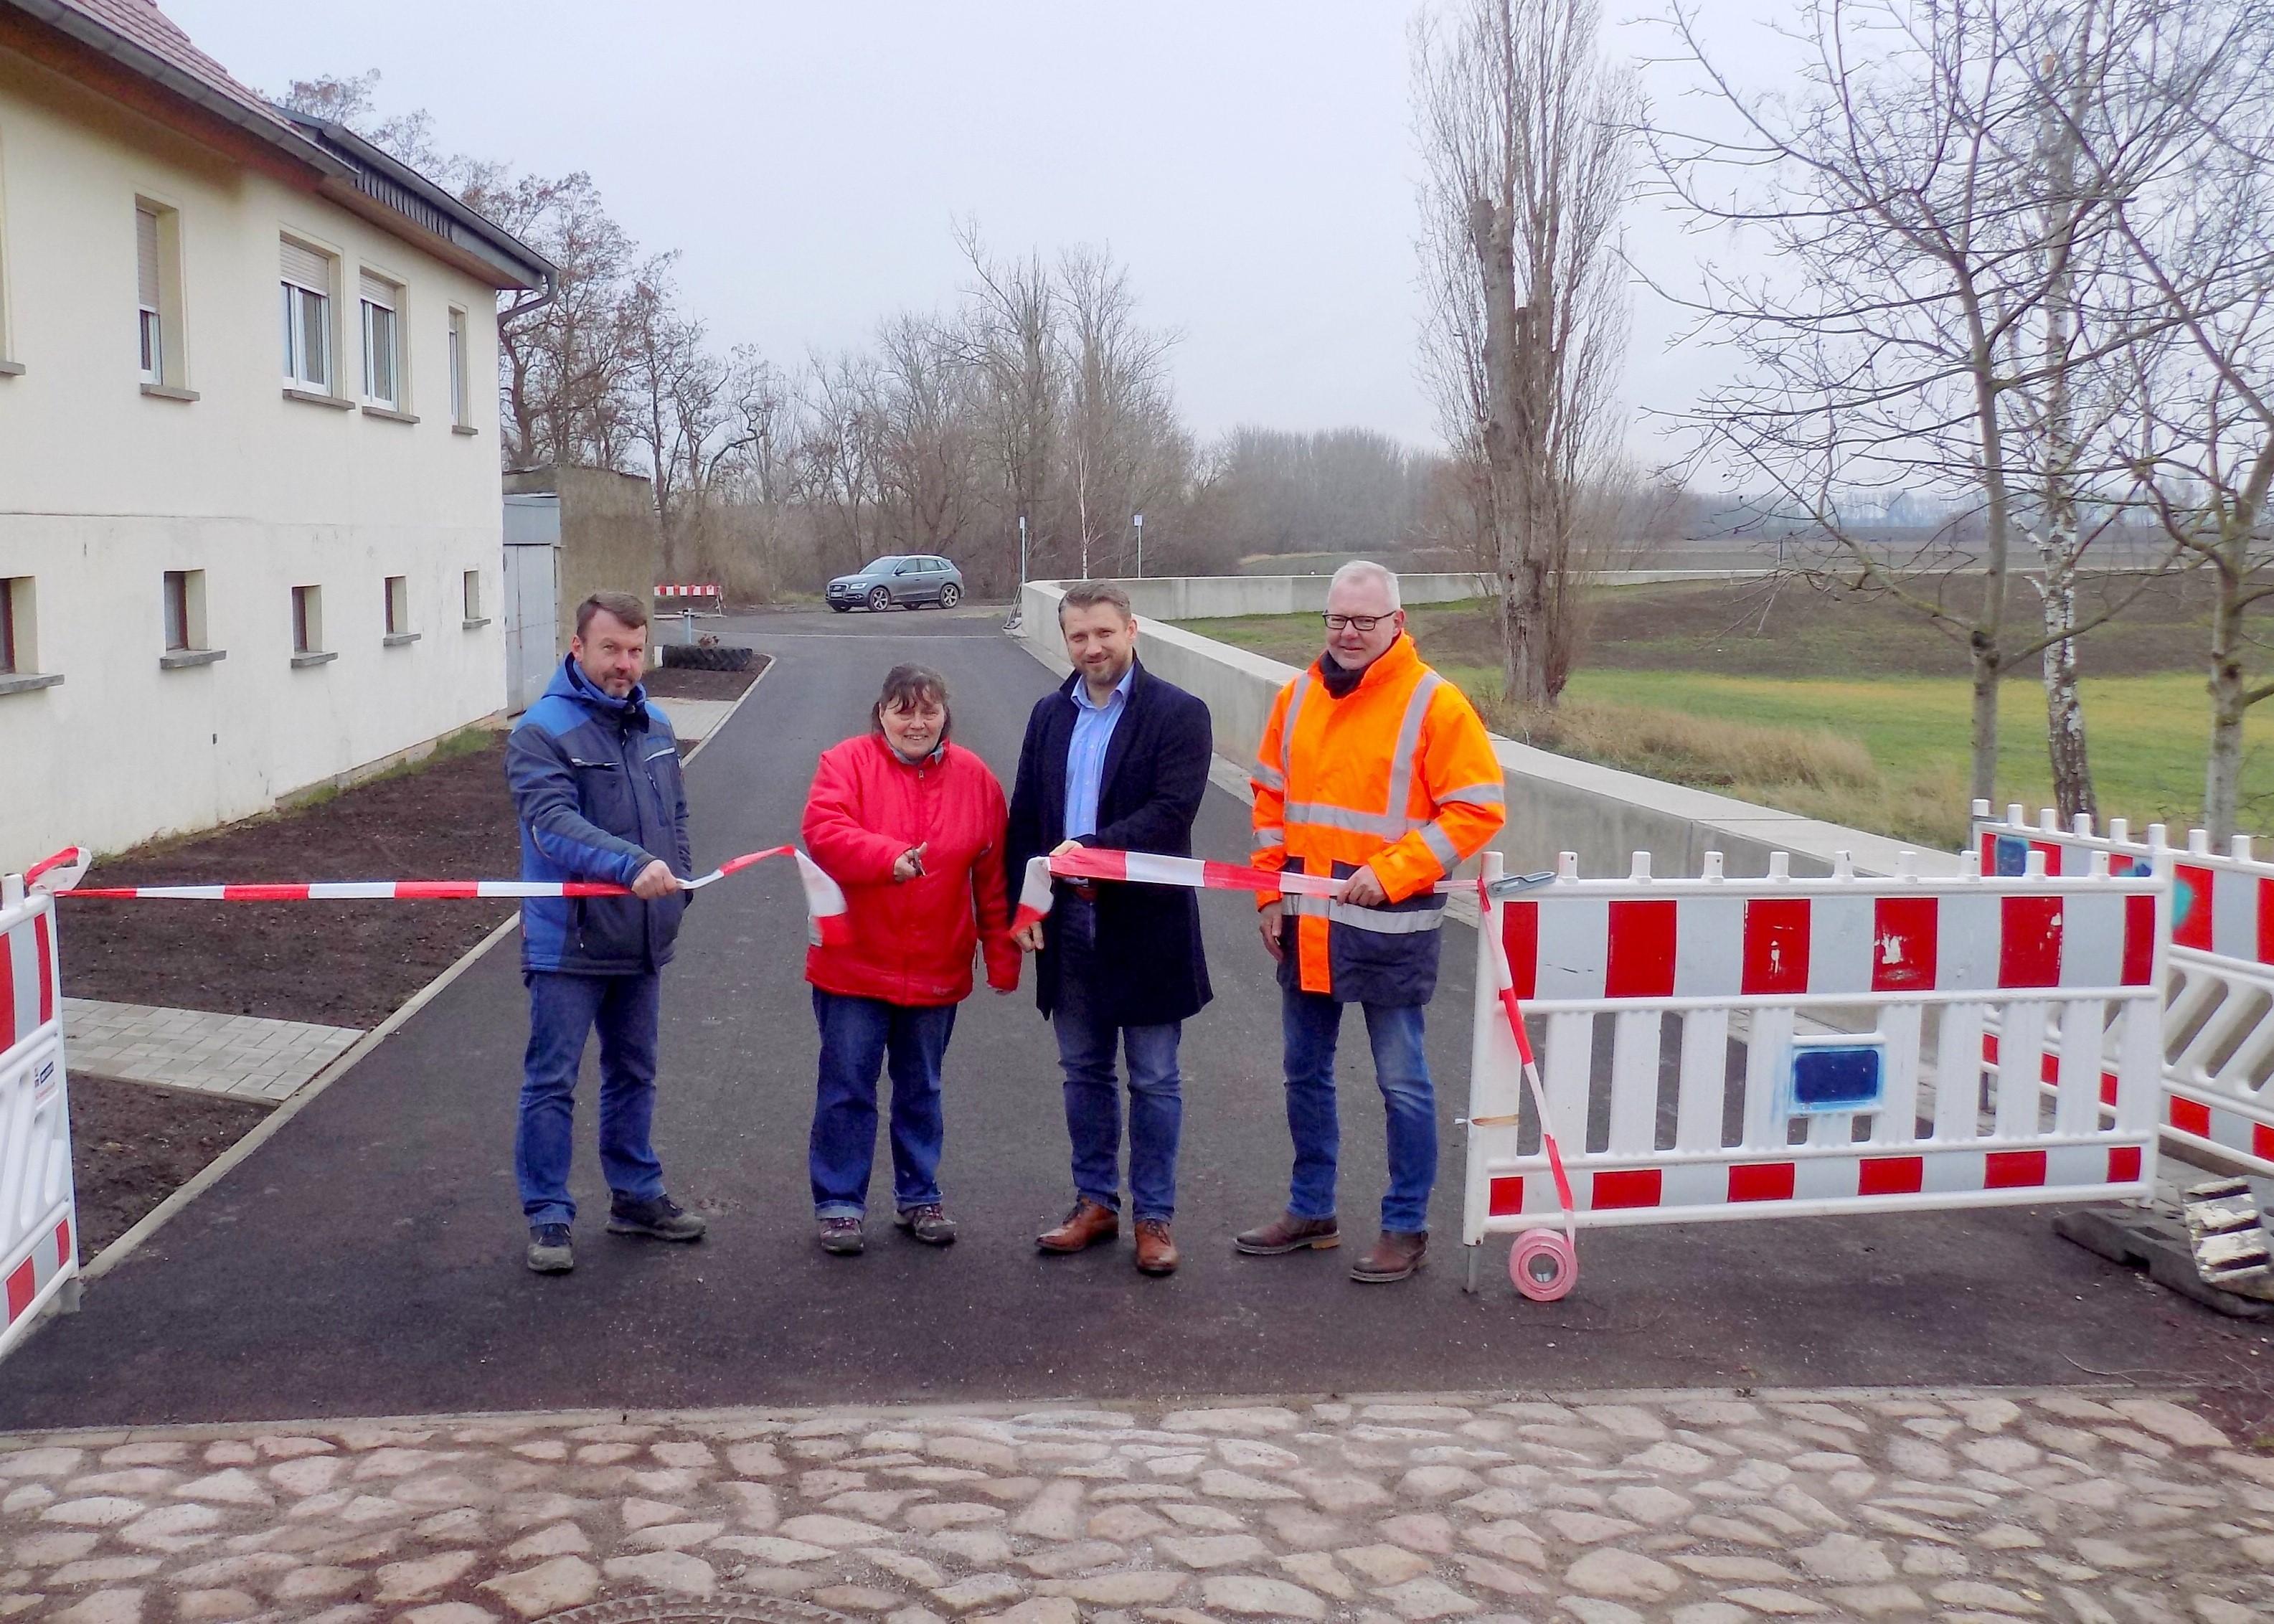 Bauunternehmer Toralf Sülze, Ortsbürgermeisterin Waltraud Schmidt, Bürgermeister Sven Hause und Planer Michael Jastrow (von links) bei der Freigabe der grundhaft sanierten Dorfstraße in Trabitz.